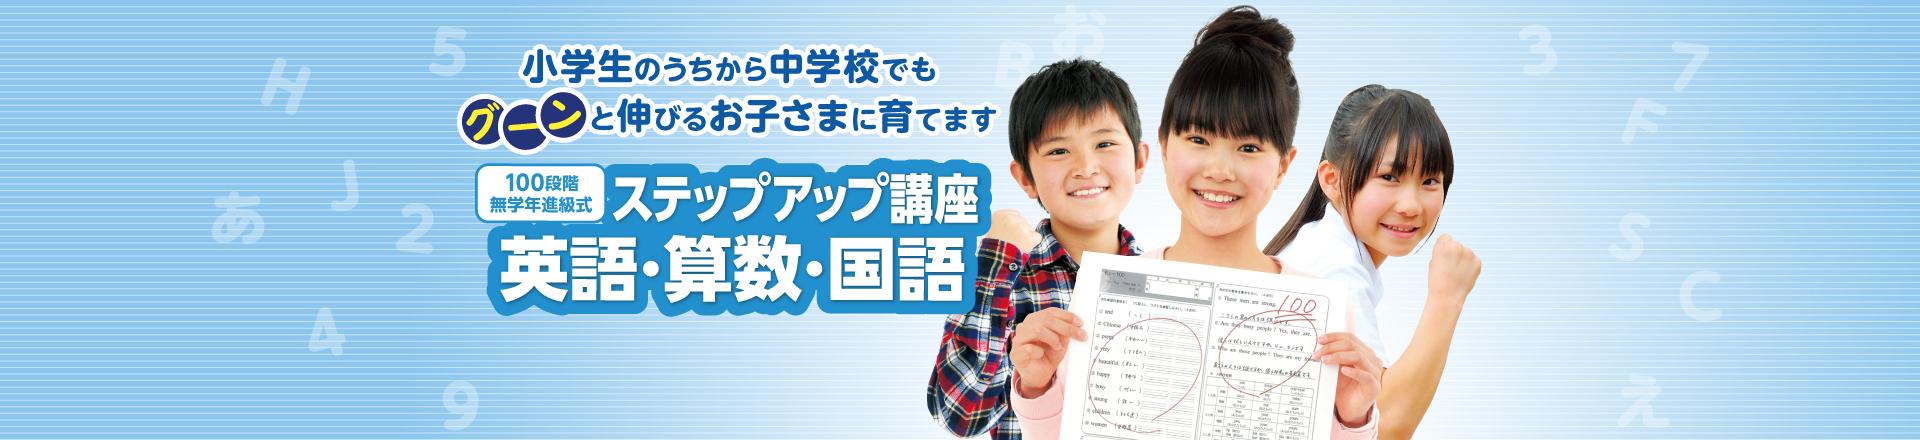 ステップアップ講座 英語・算数・国語